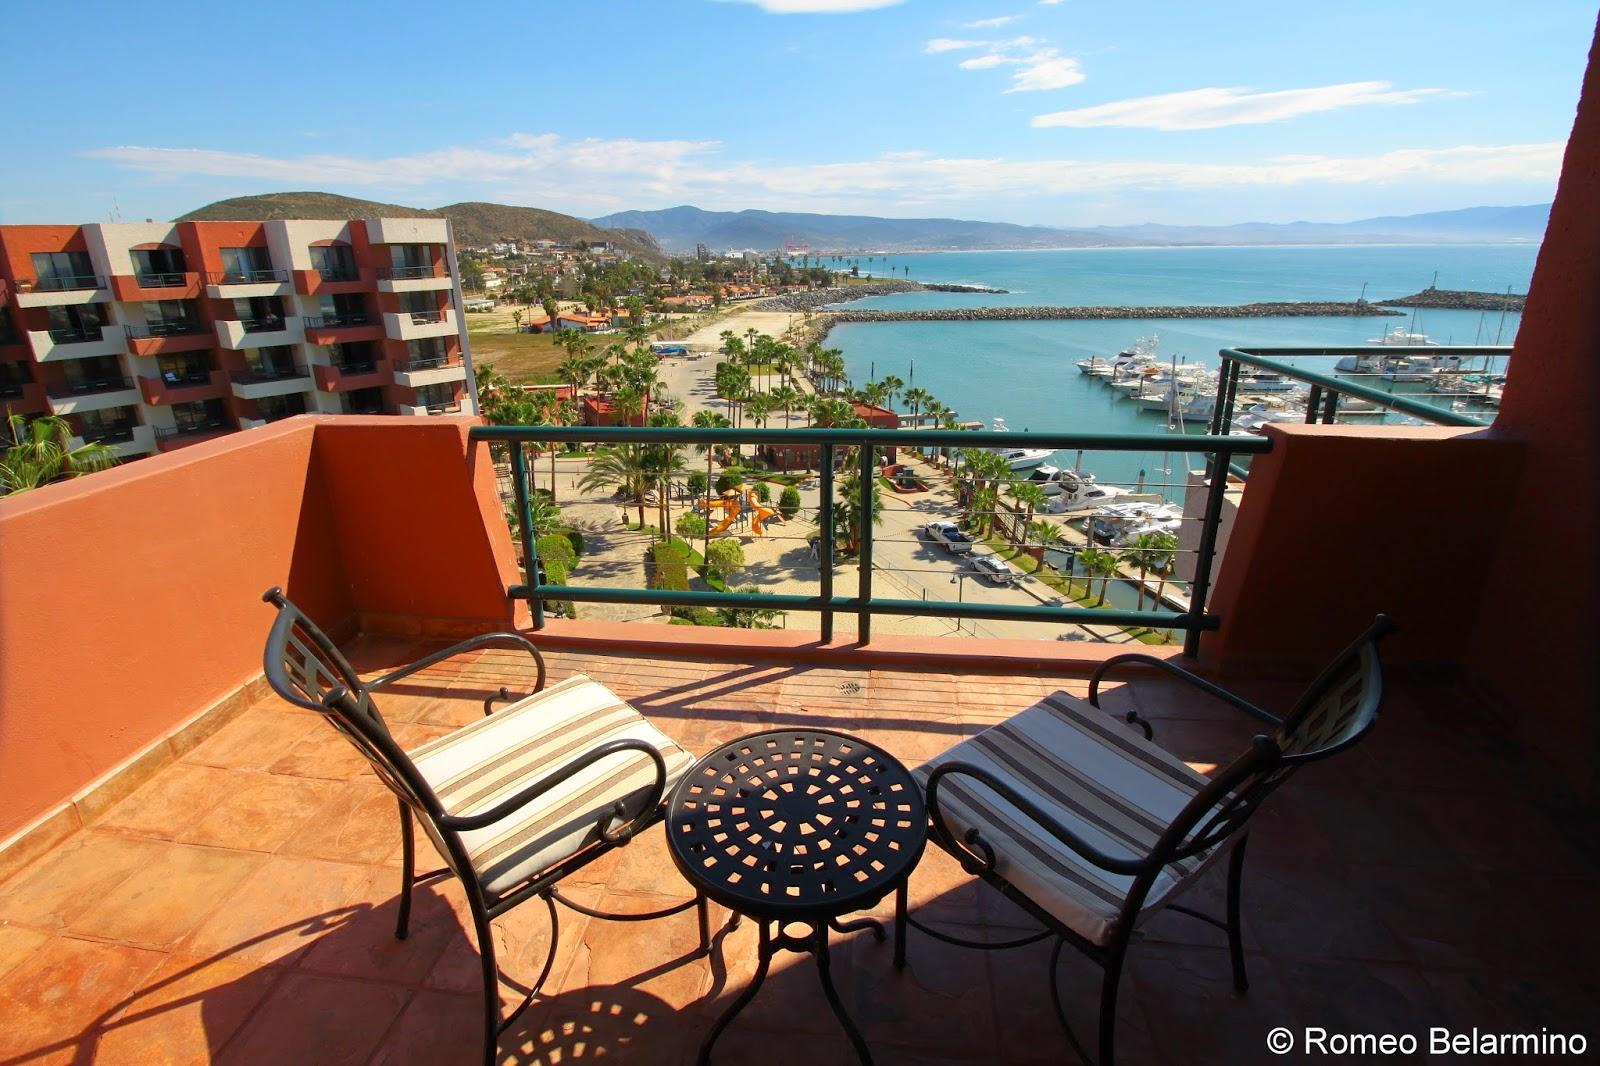 Hotel Coral & Marina Balcony View Ensenada Baja California Mexico